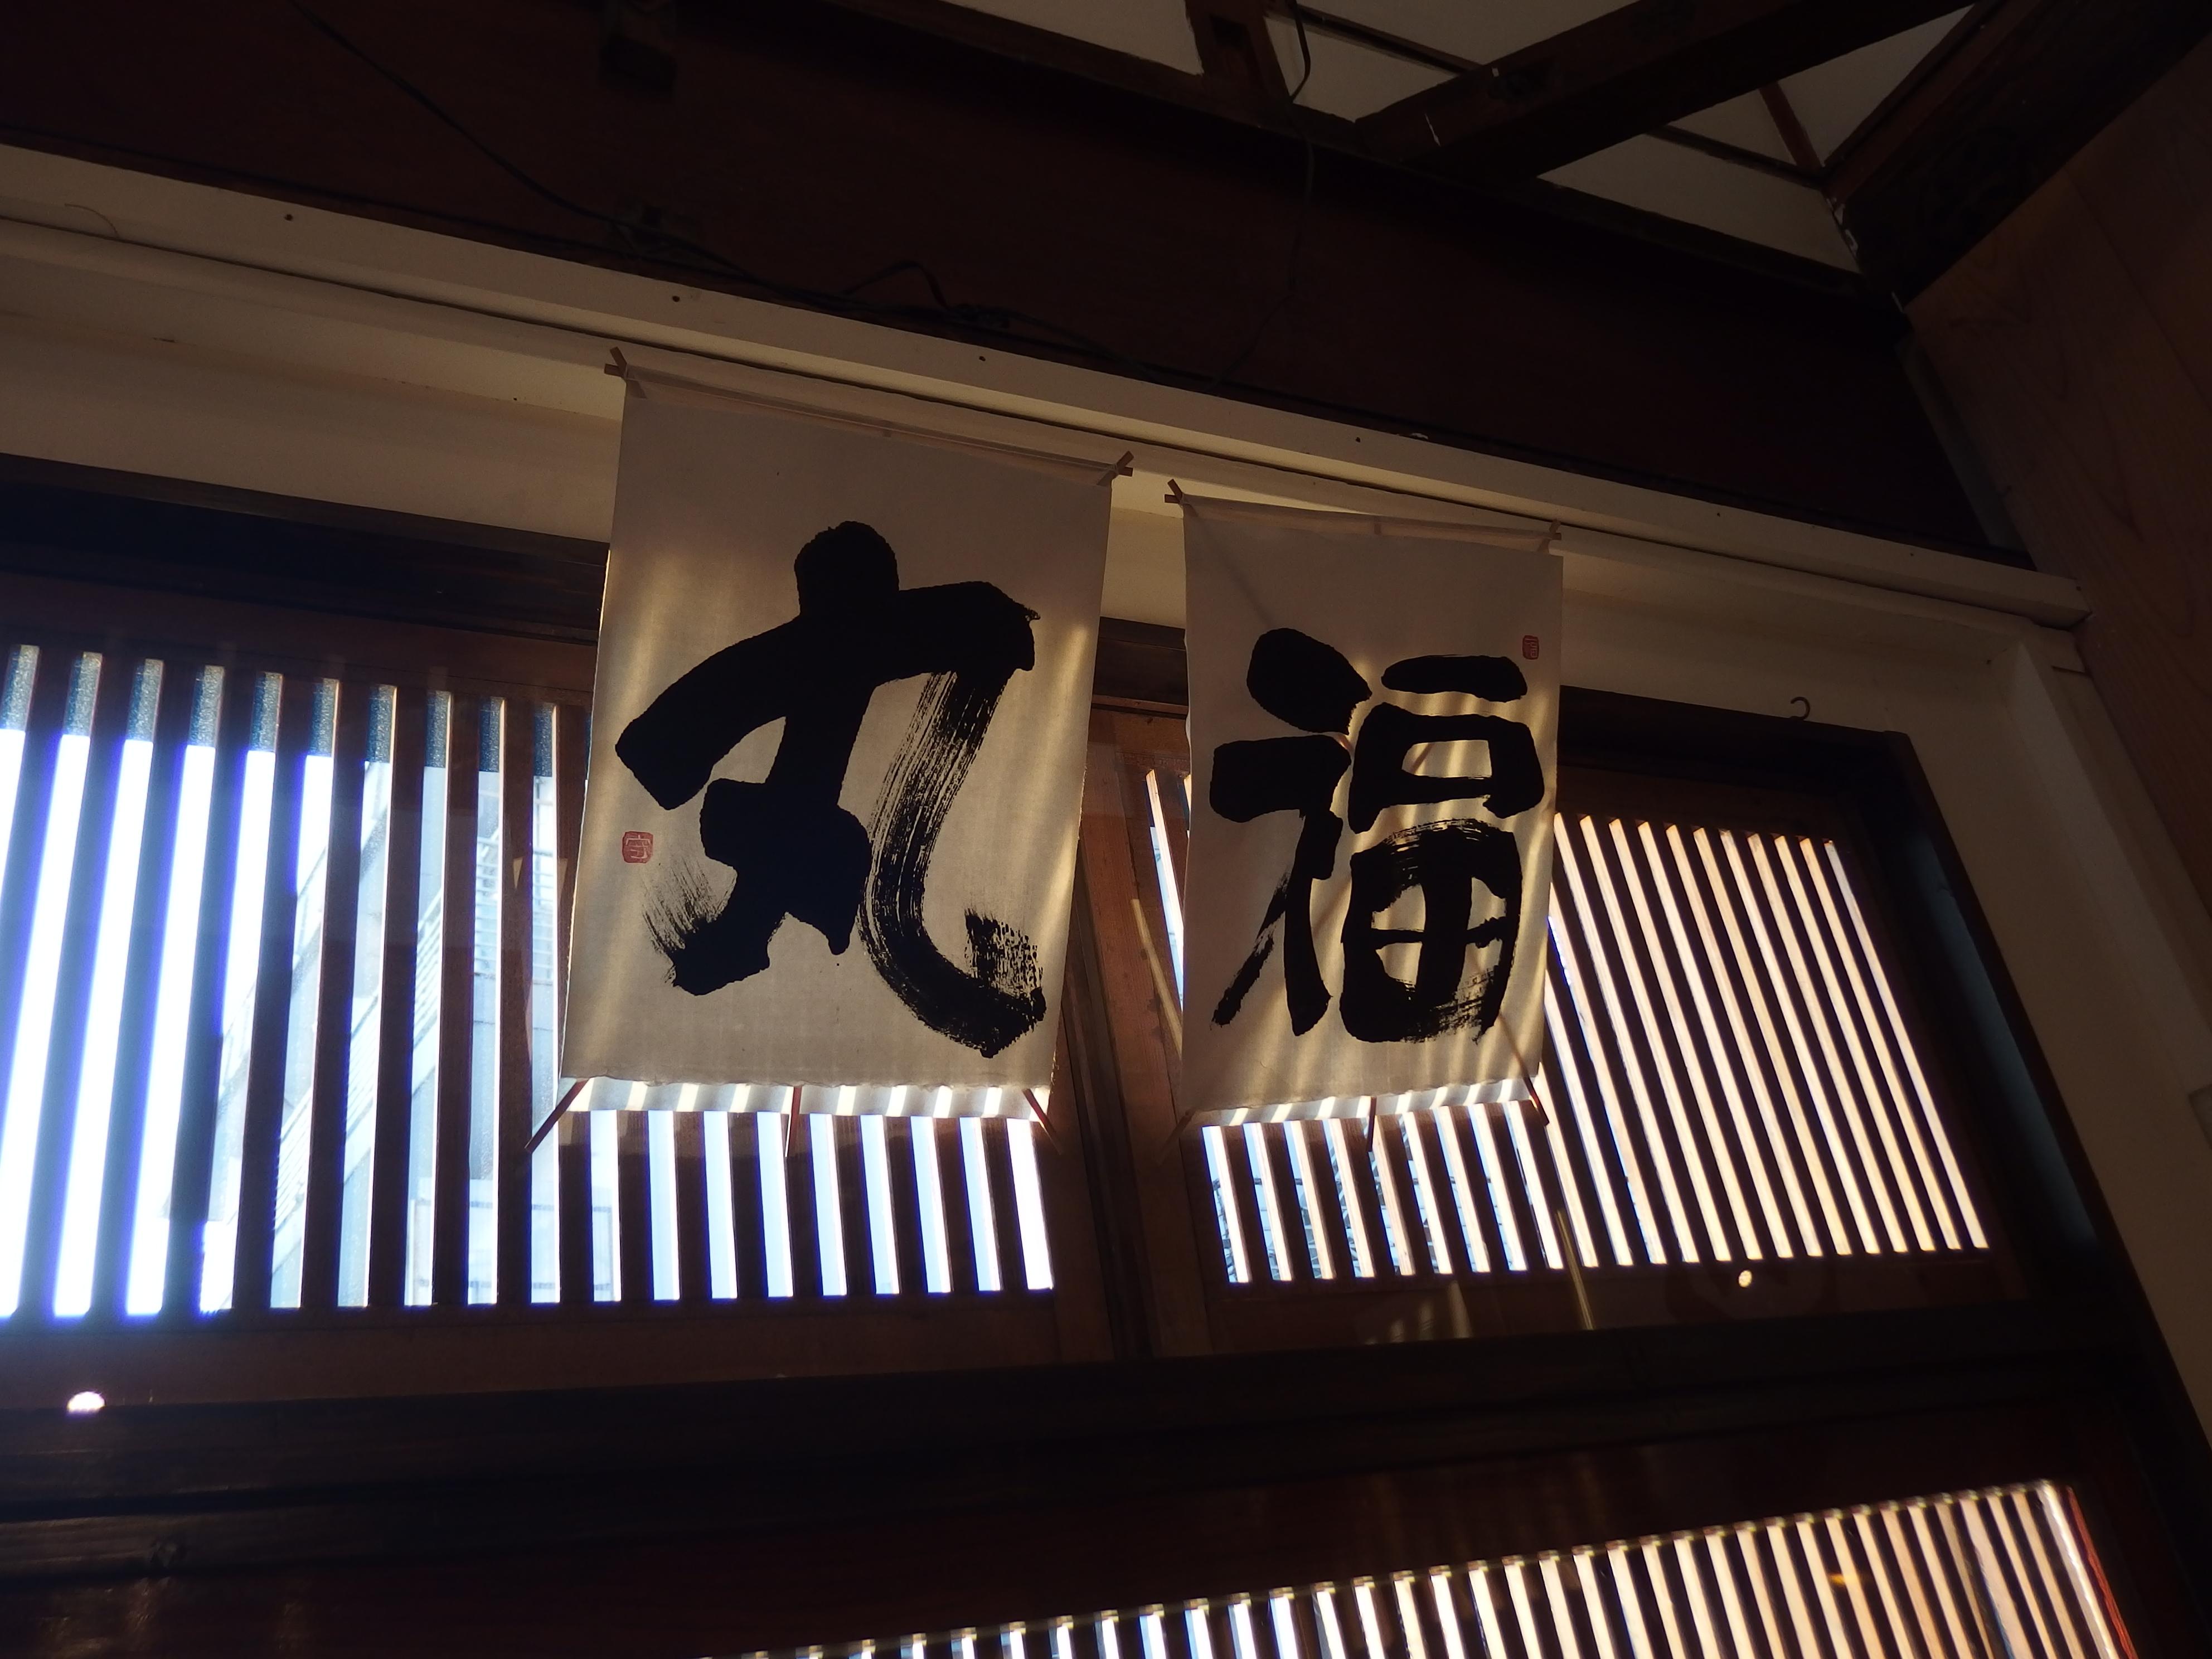 中村さん 会心の出来!に納得、すくにお店に展示しました。